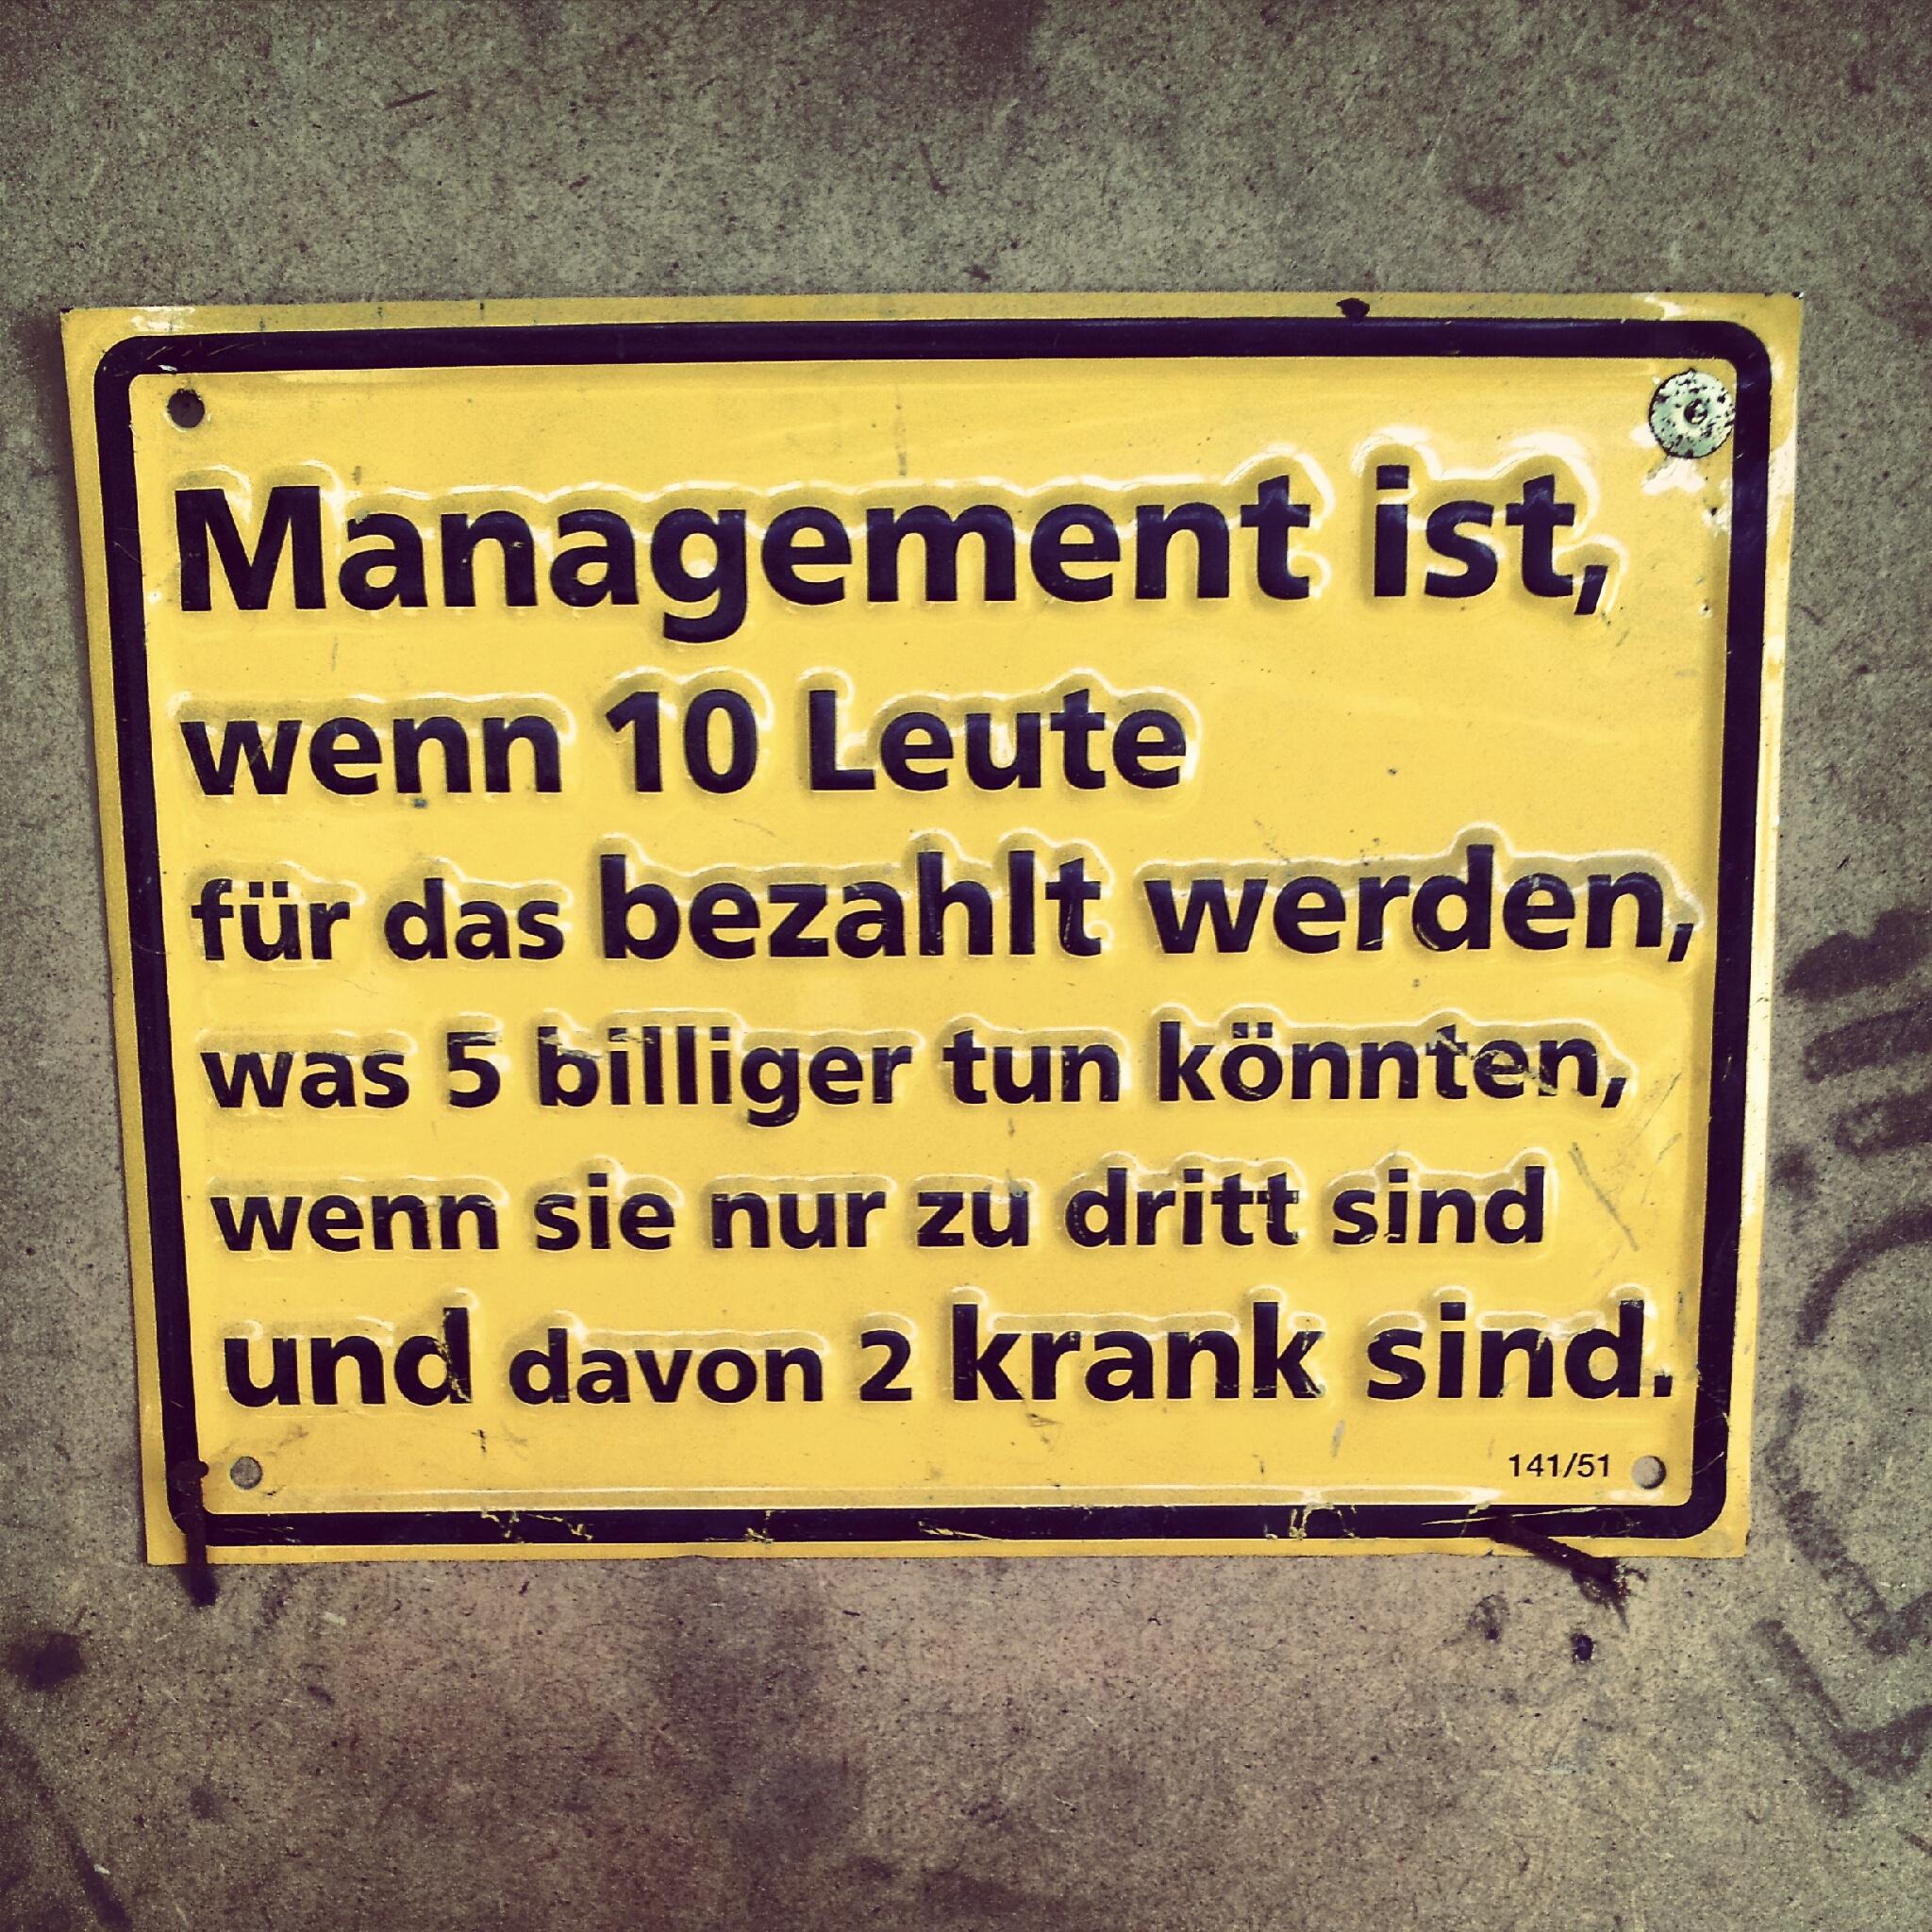 Ein wahrer Spruch über das Management